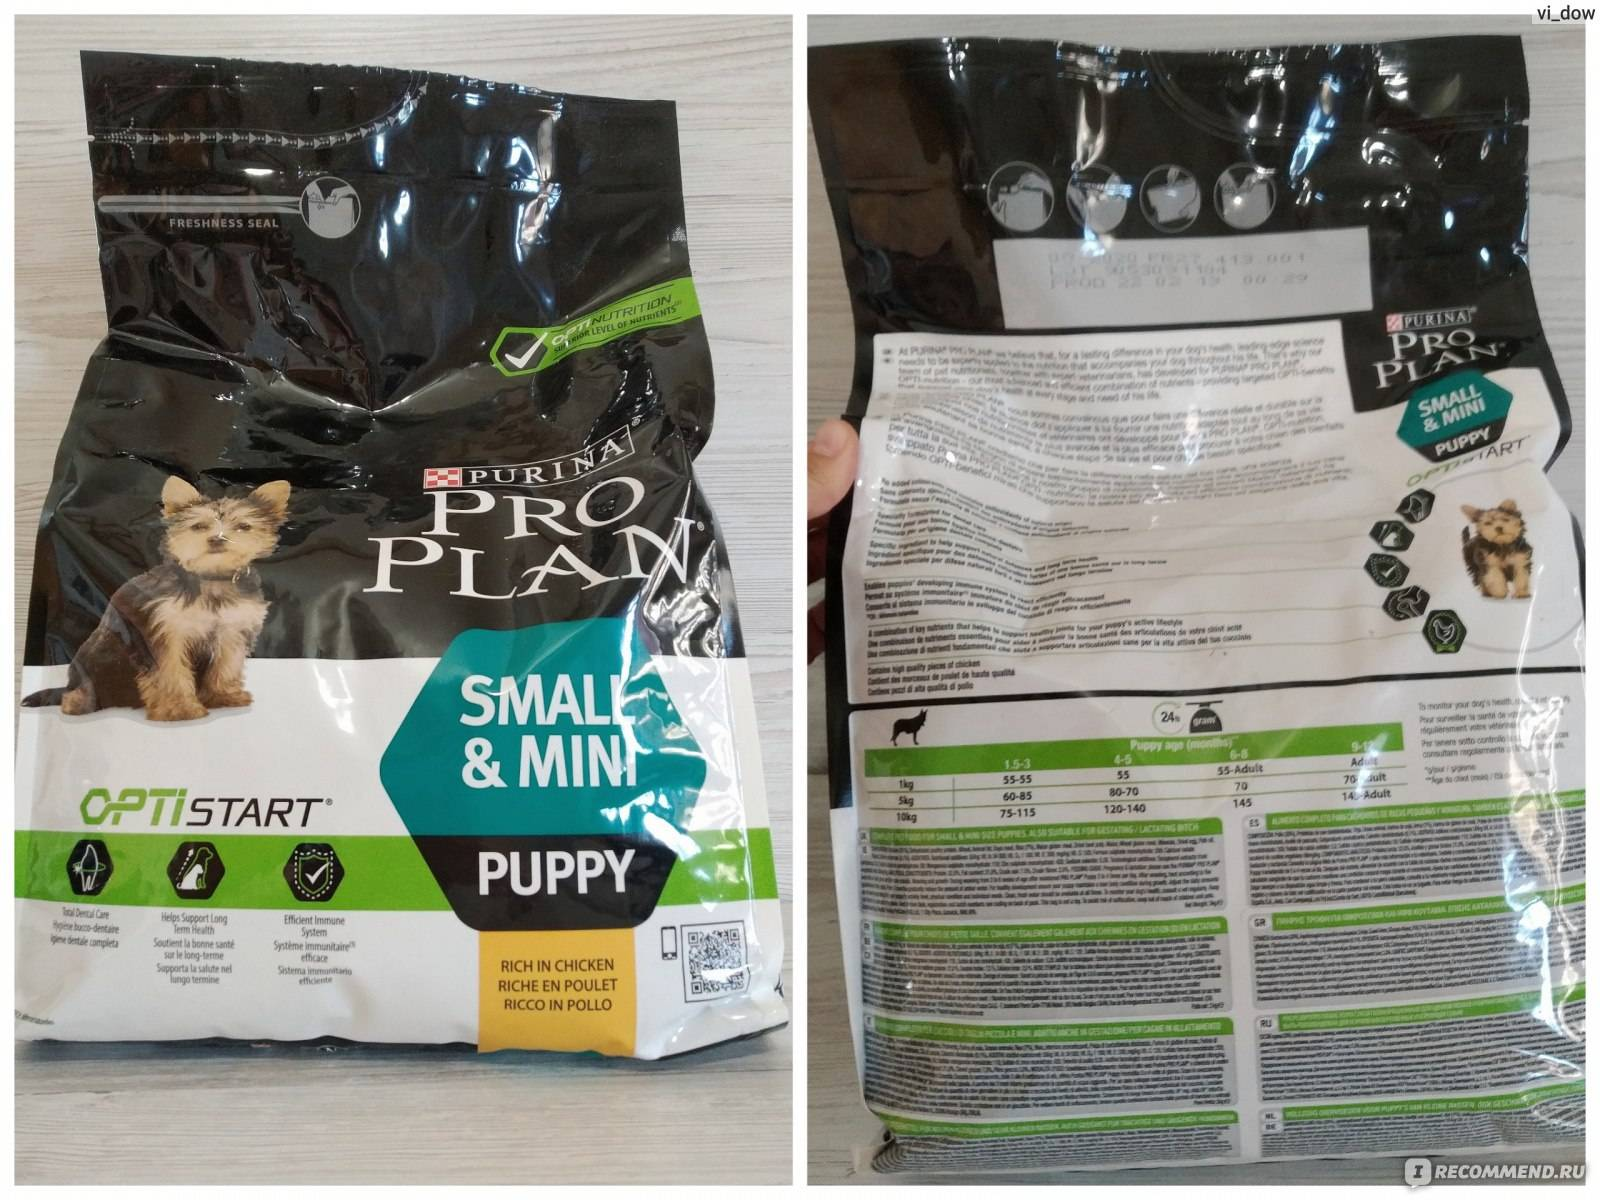 Подробный обзор линейки кормов от производителя go! для собаки и щенка